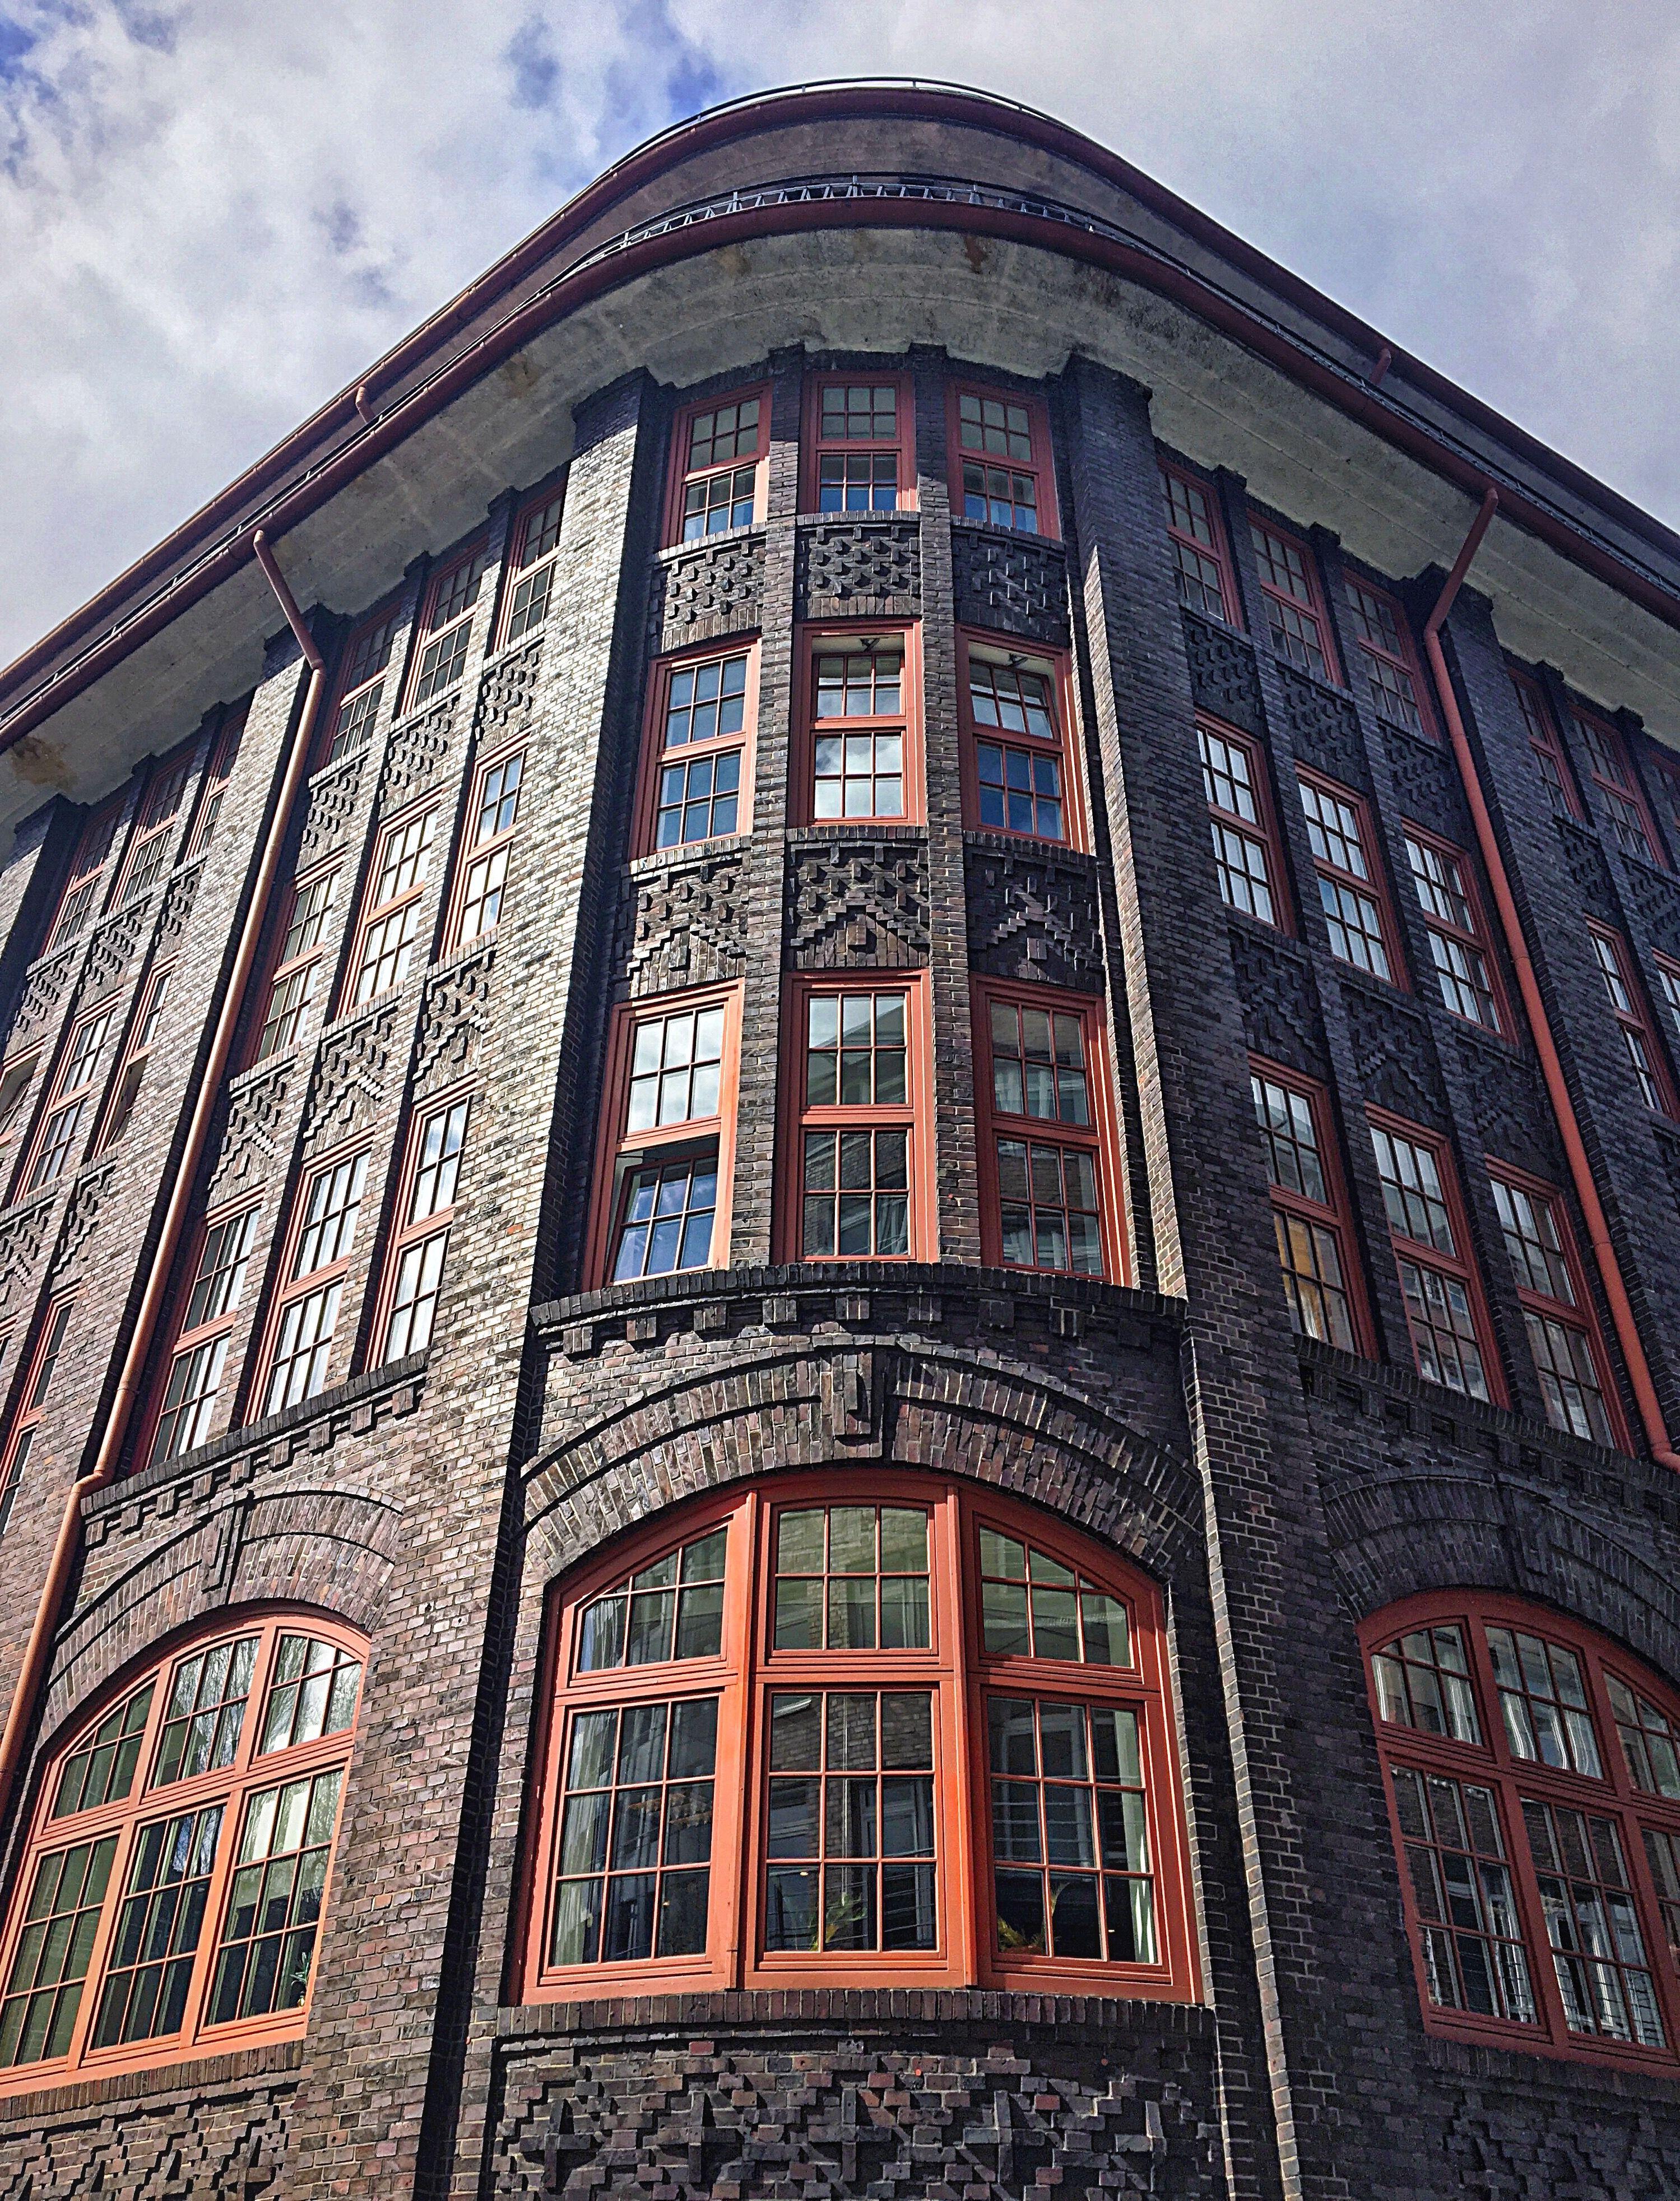 Kontorhaus aus Backstein: Hamburgs tolle Architektur